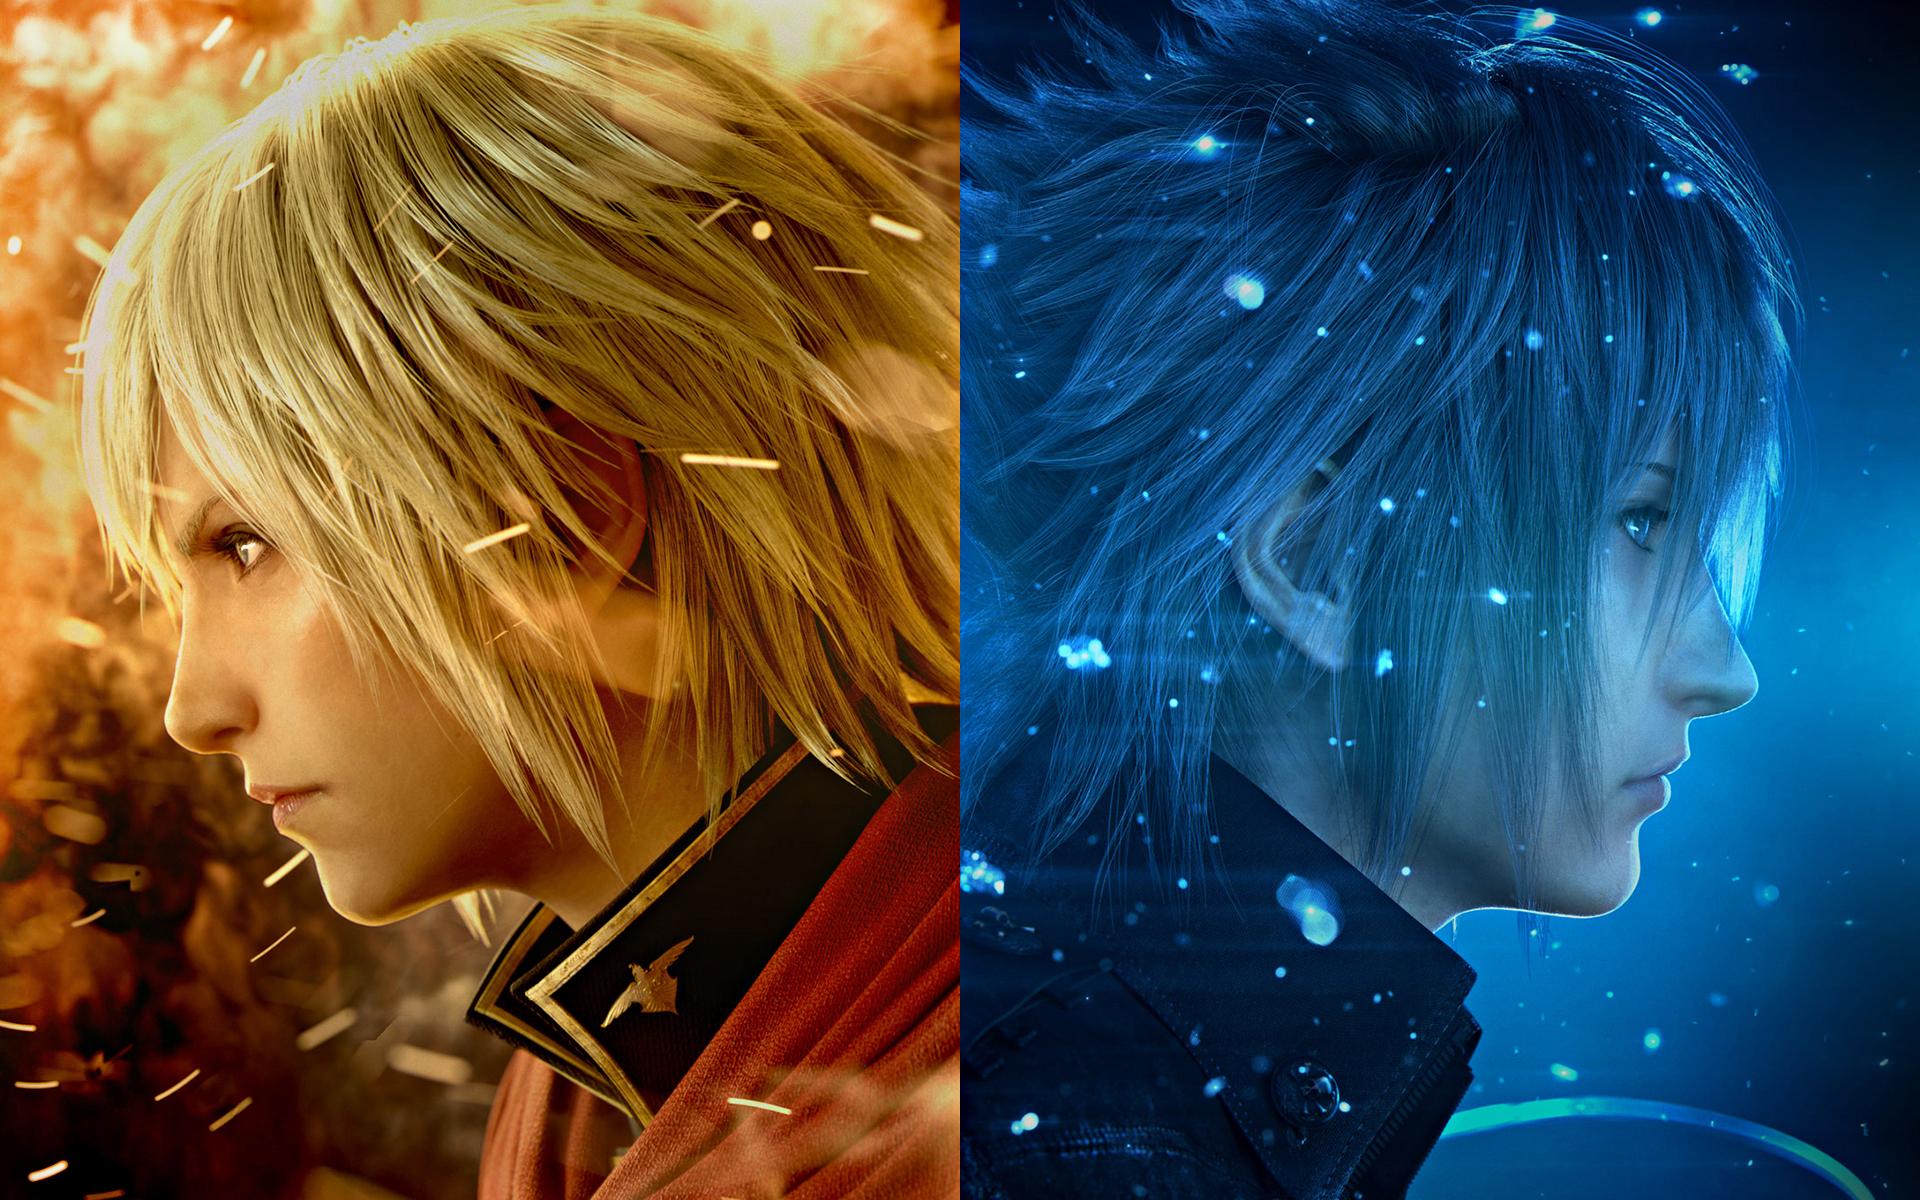 最终幻想 零式HD 超长预告与实机演示公开